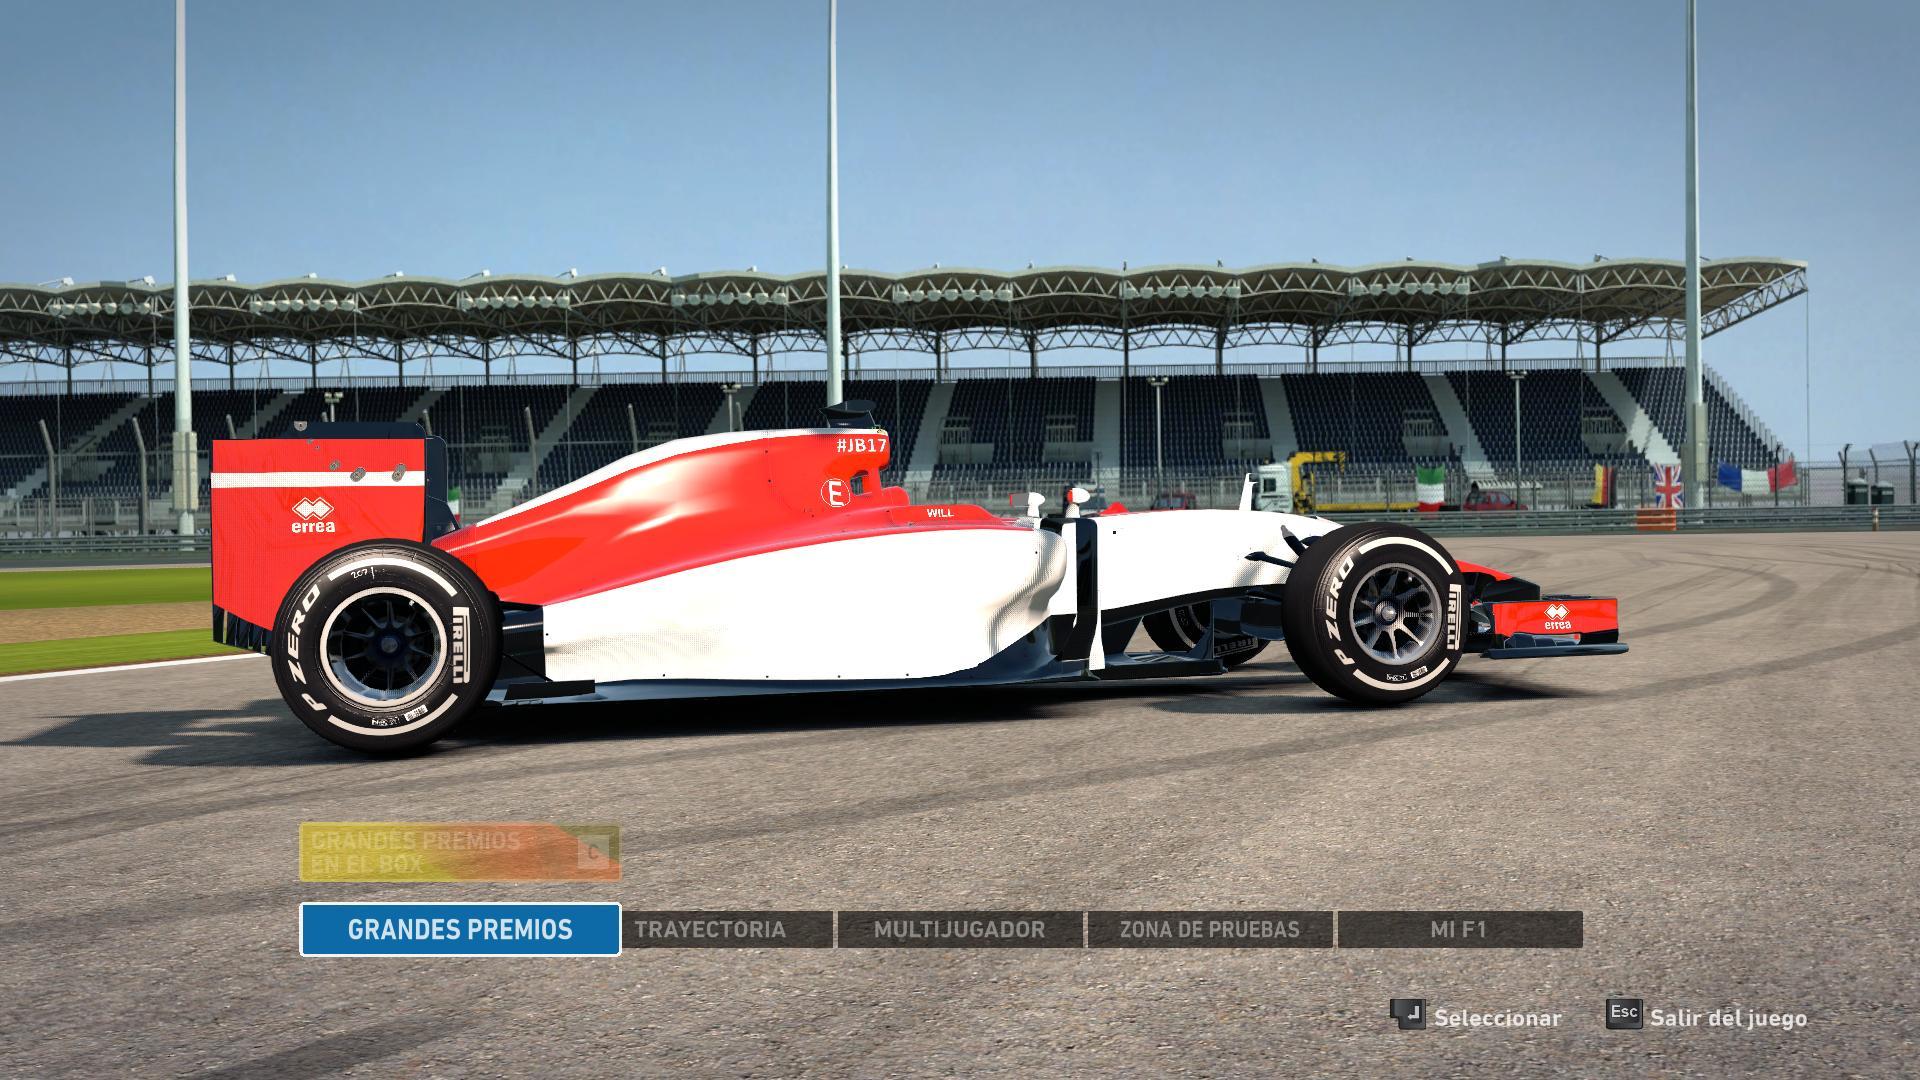 F1_2015 2015-04-27 12-53-50-88.jpg